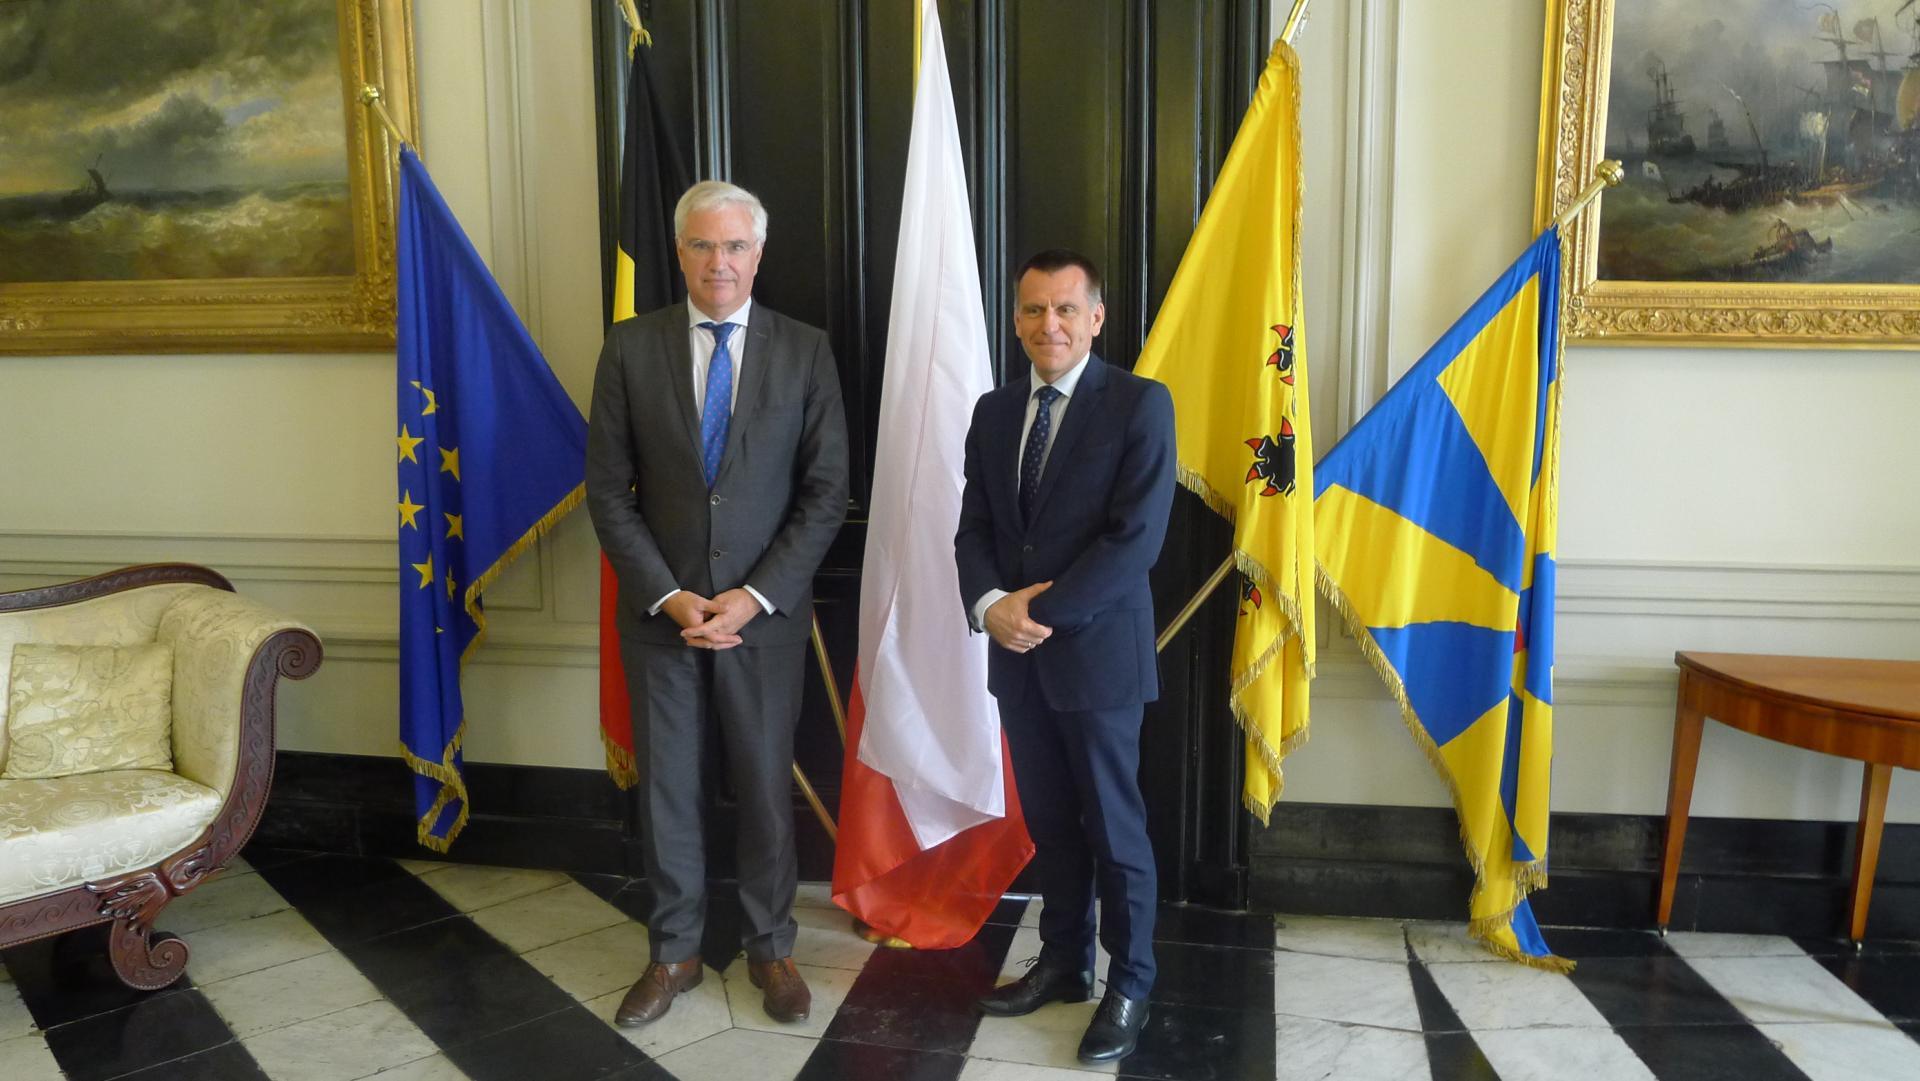 Ambassadeur van Polen